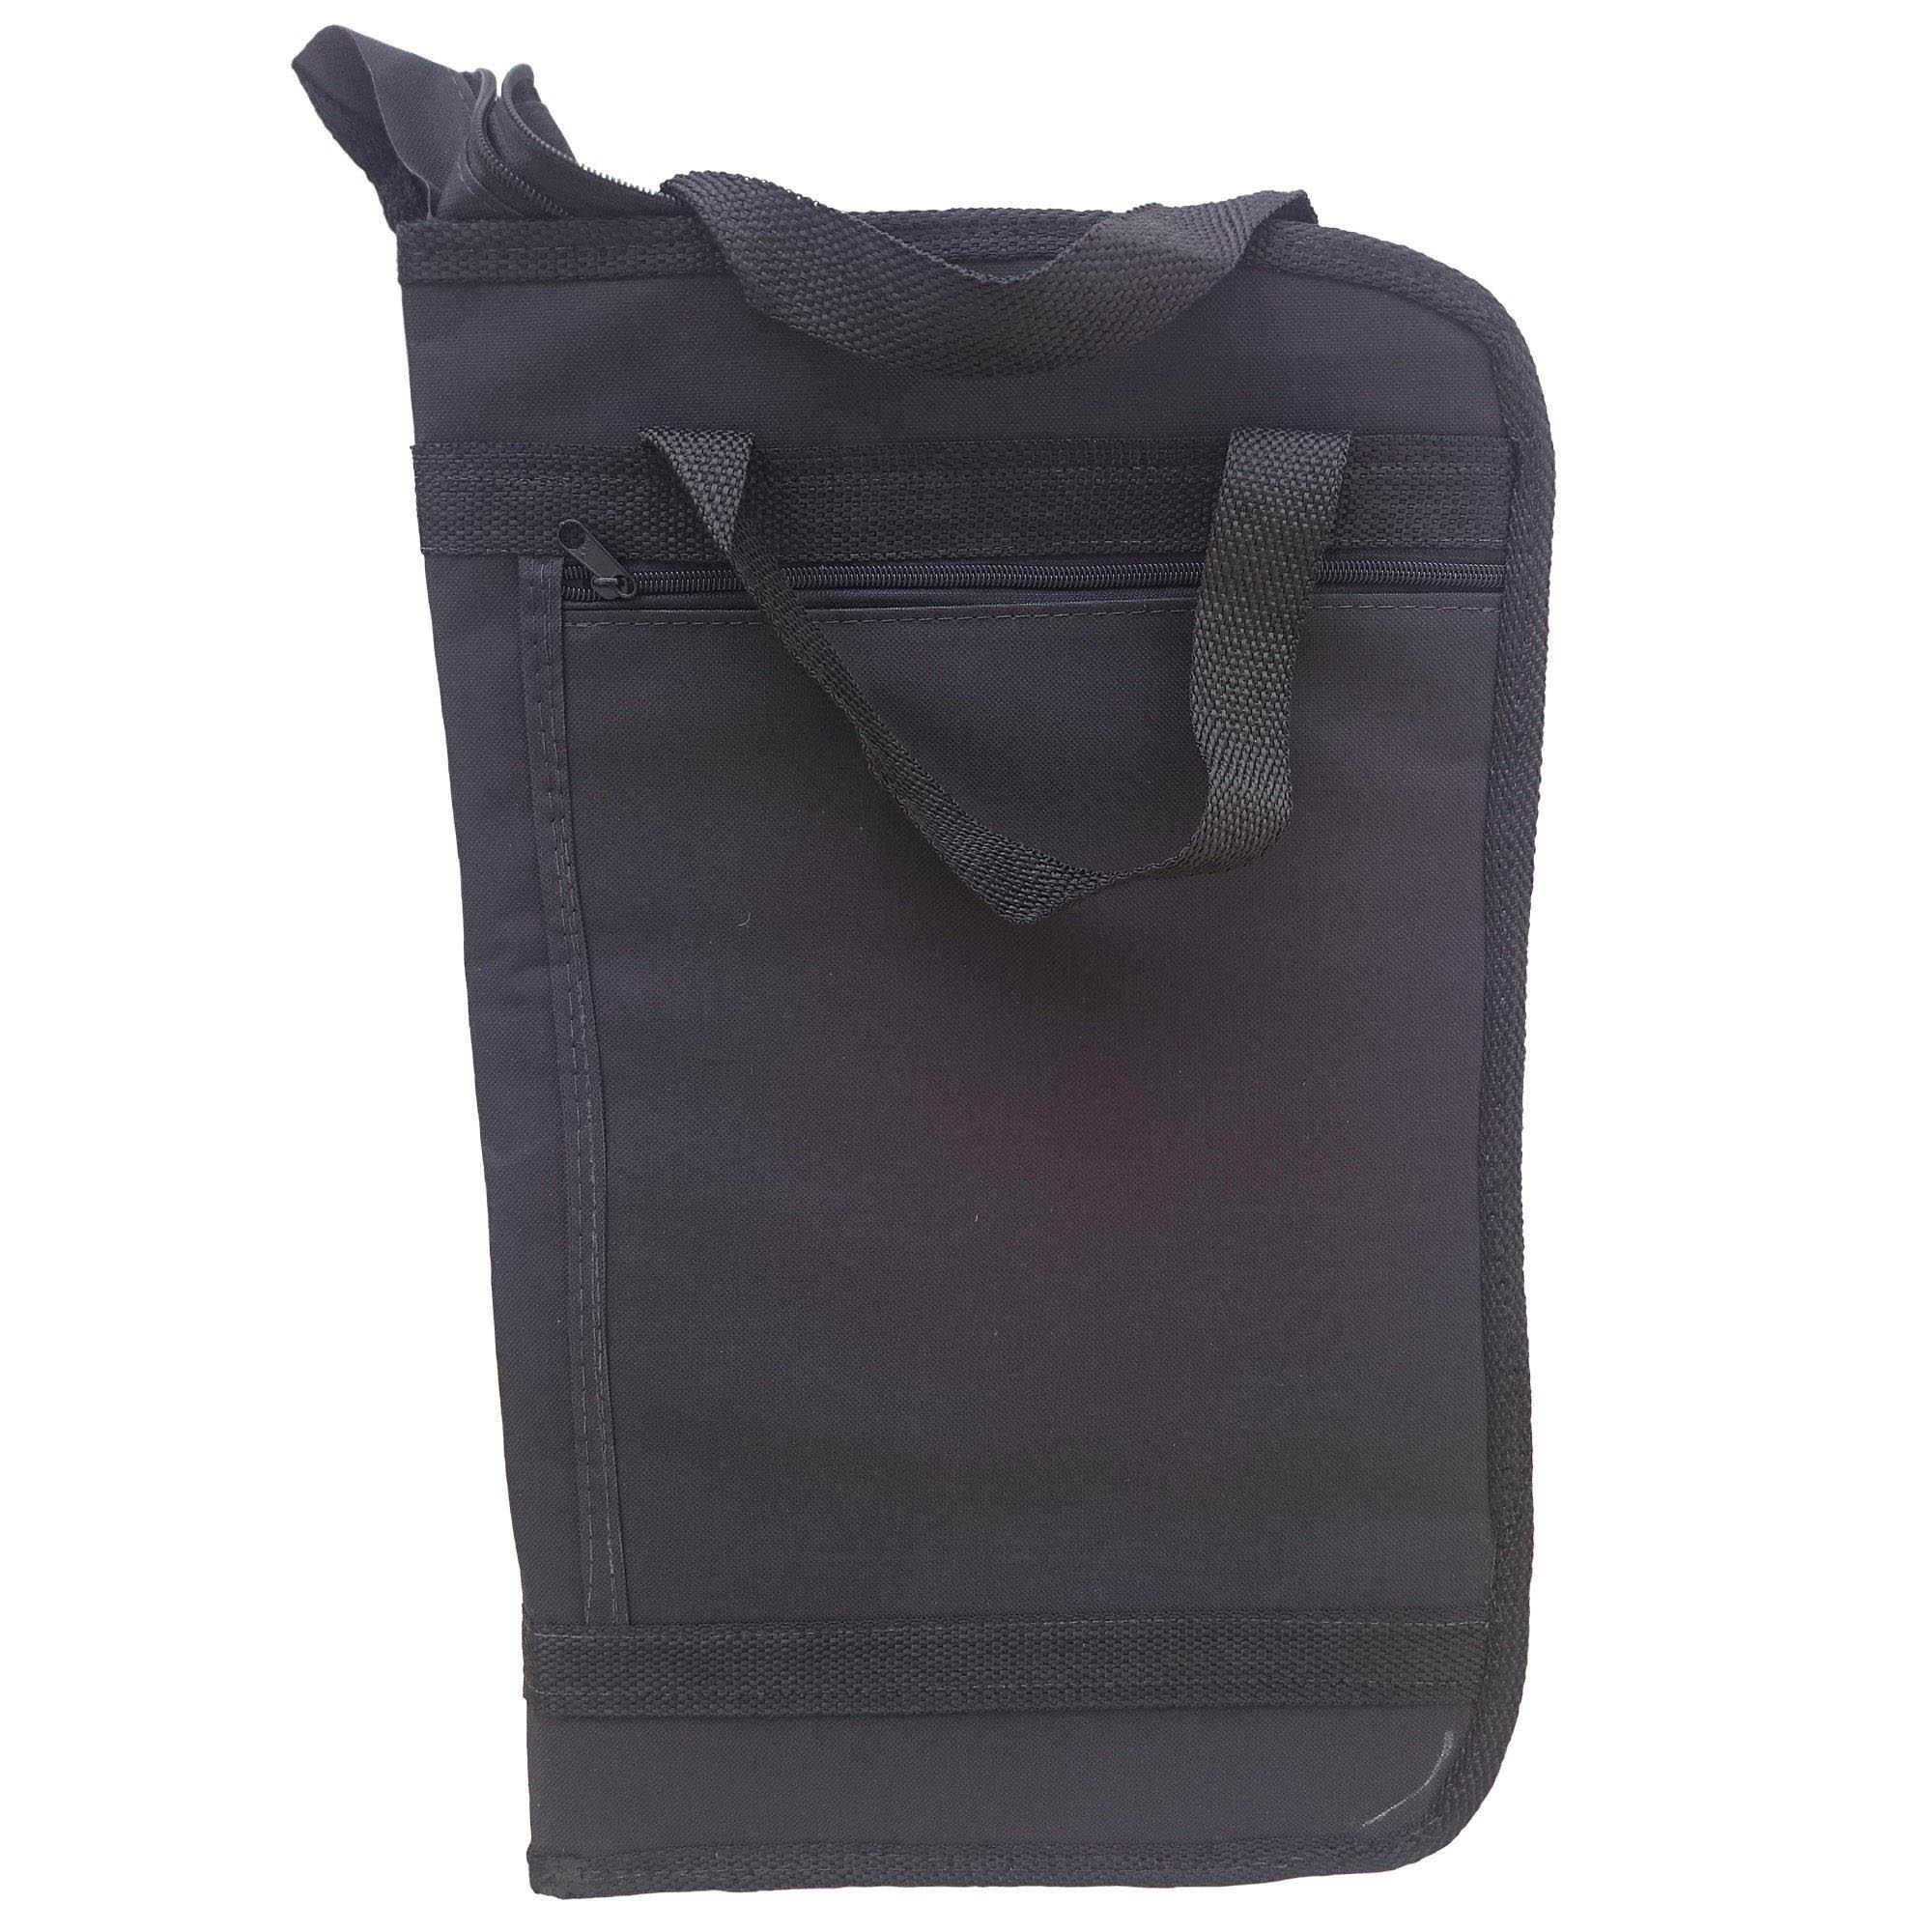 Capa Bag luxo Para Baquetas. Baqueteira profissional, com tamanho reduzido, ocupa pouco espaço. LU 703